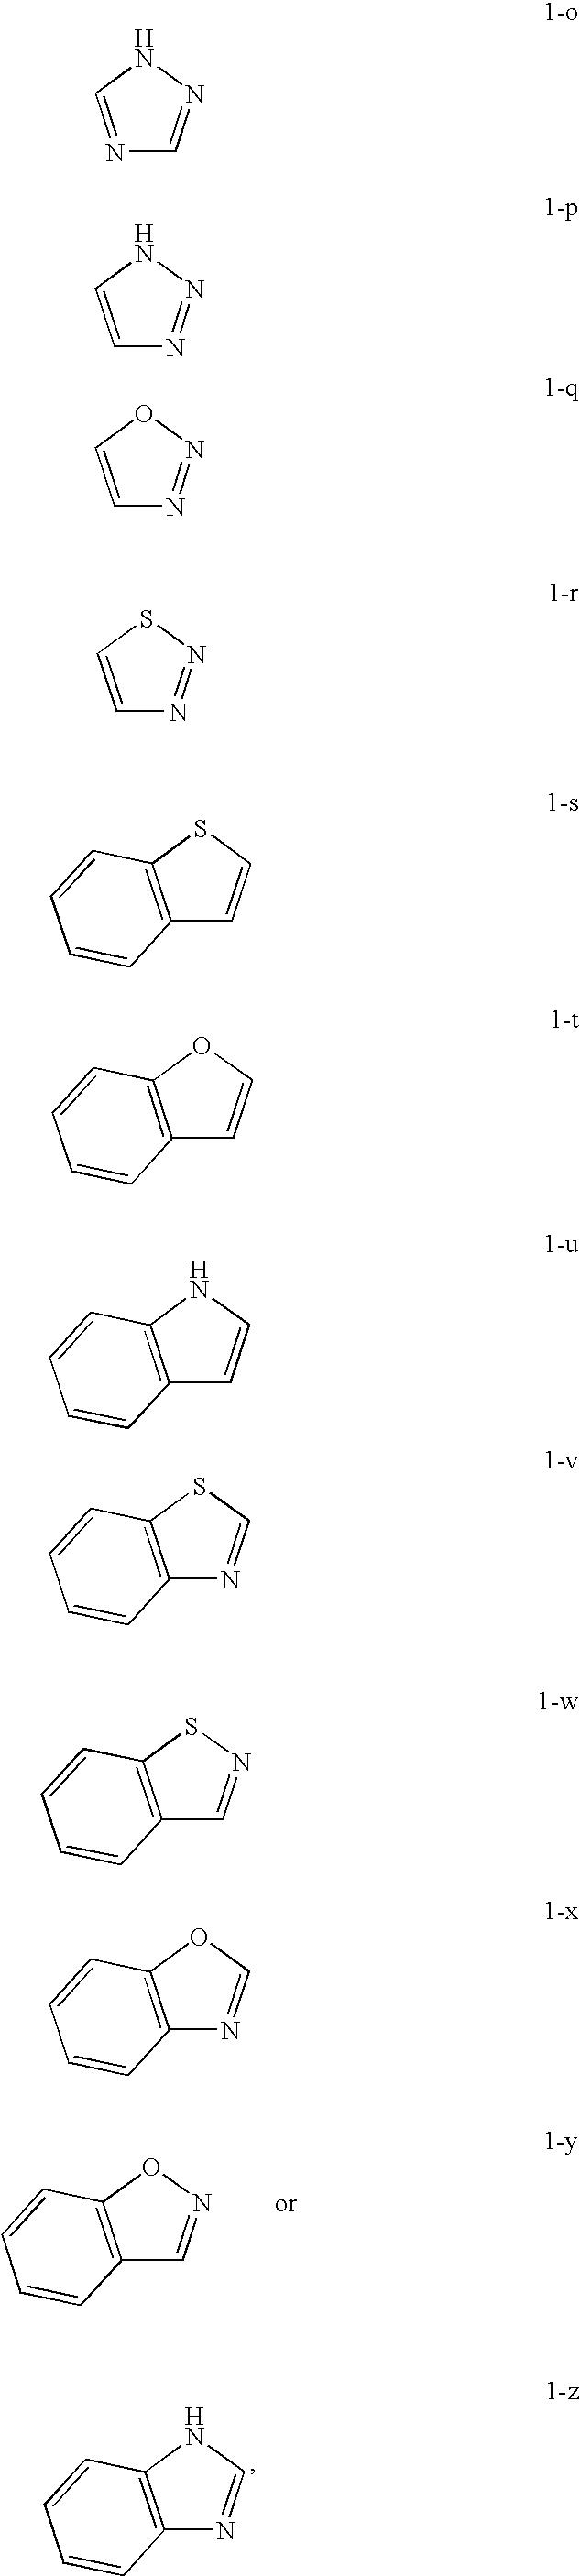 Figure US07977322-20110712-C00016